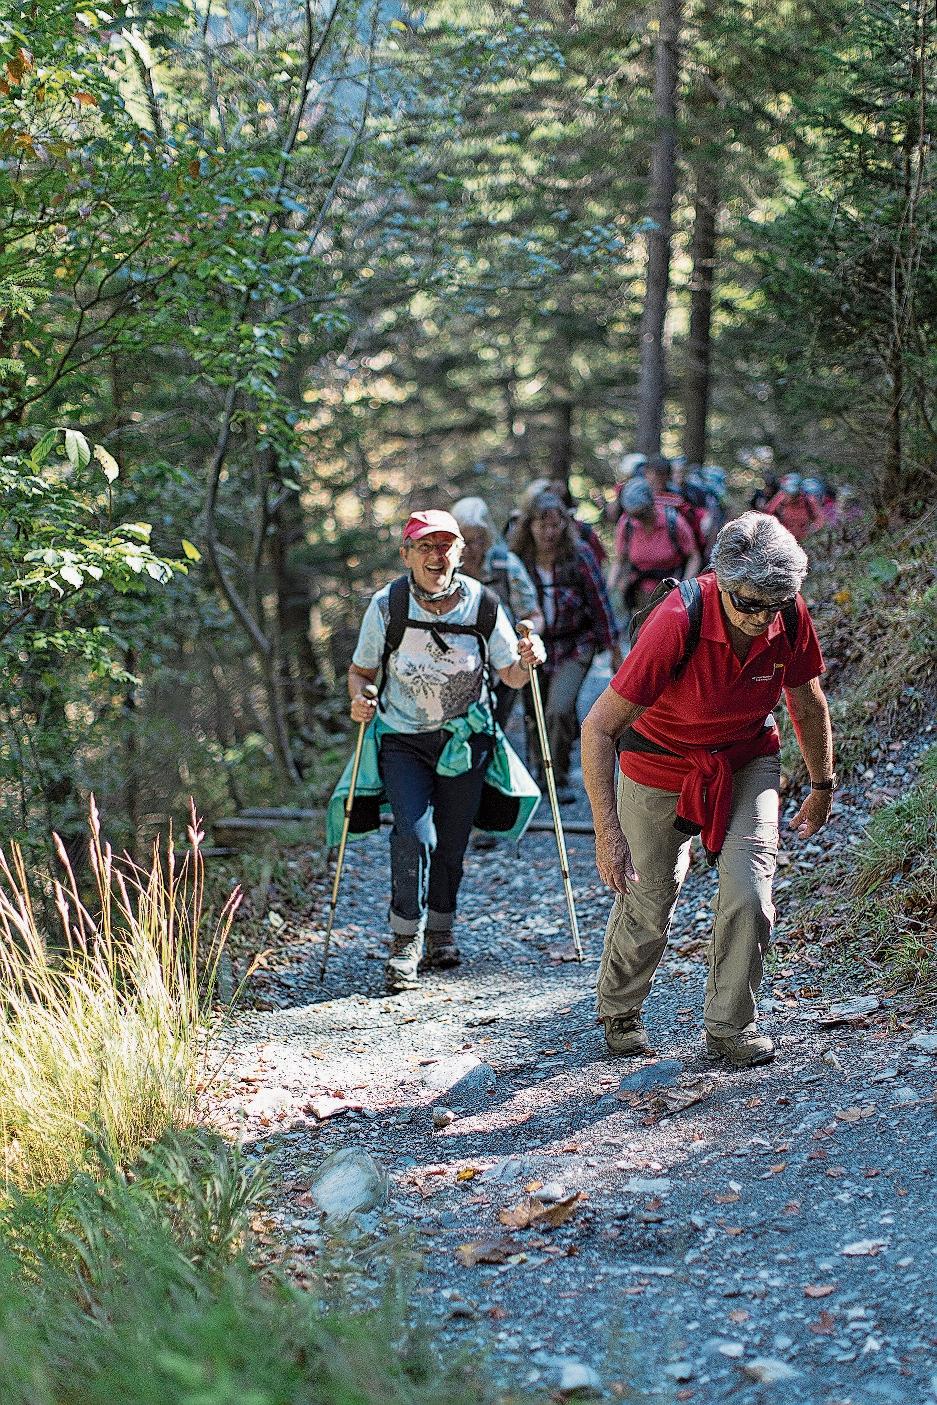 Seniorinnen und Senioren: «Die Ferien mit den Grosskindern müssen noch etwas warten. Ich rate für dieses Jahr zu Wanderferien in einem der vielen Nationalparks. Am besten mit Freunden oder einer Gruppe. Beim gemeinsam Wandern kann man die Schutzregeln problemlos einhalten und hat dennoch gleichzeitig Gemeinschaft.»